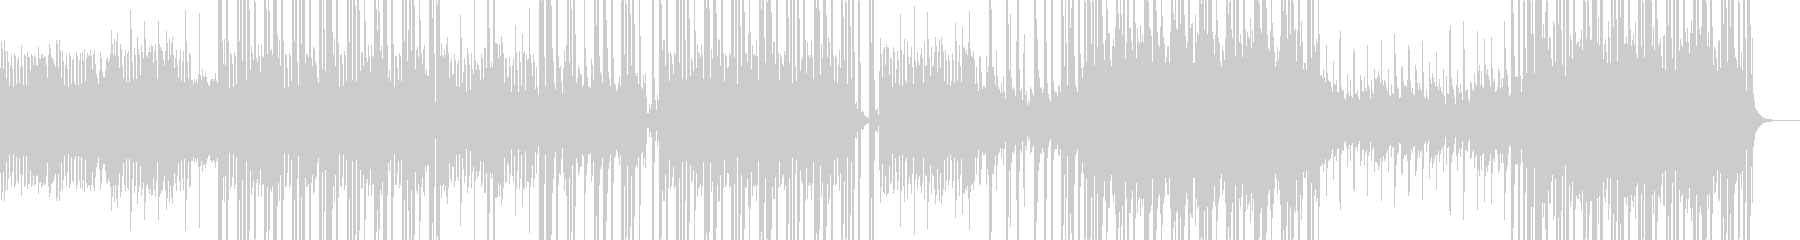 高音でドラムキックのシンセサイザーの曲の未再生の波形